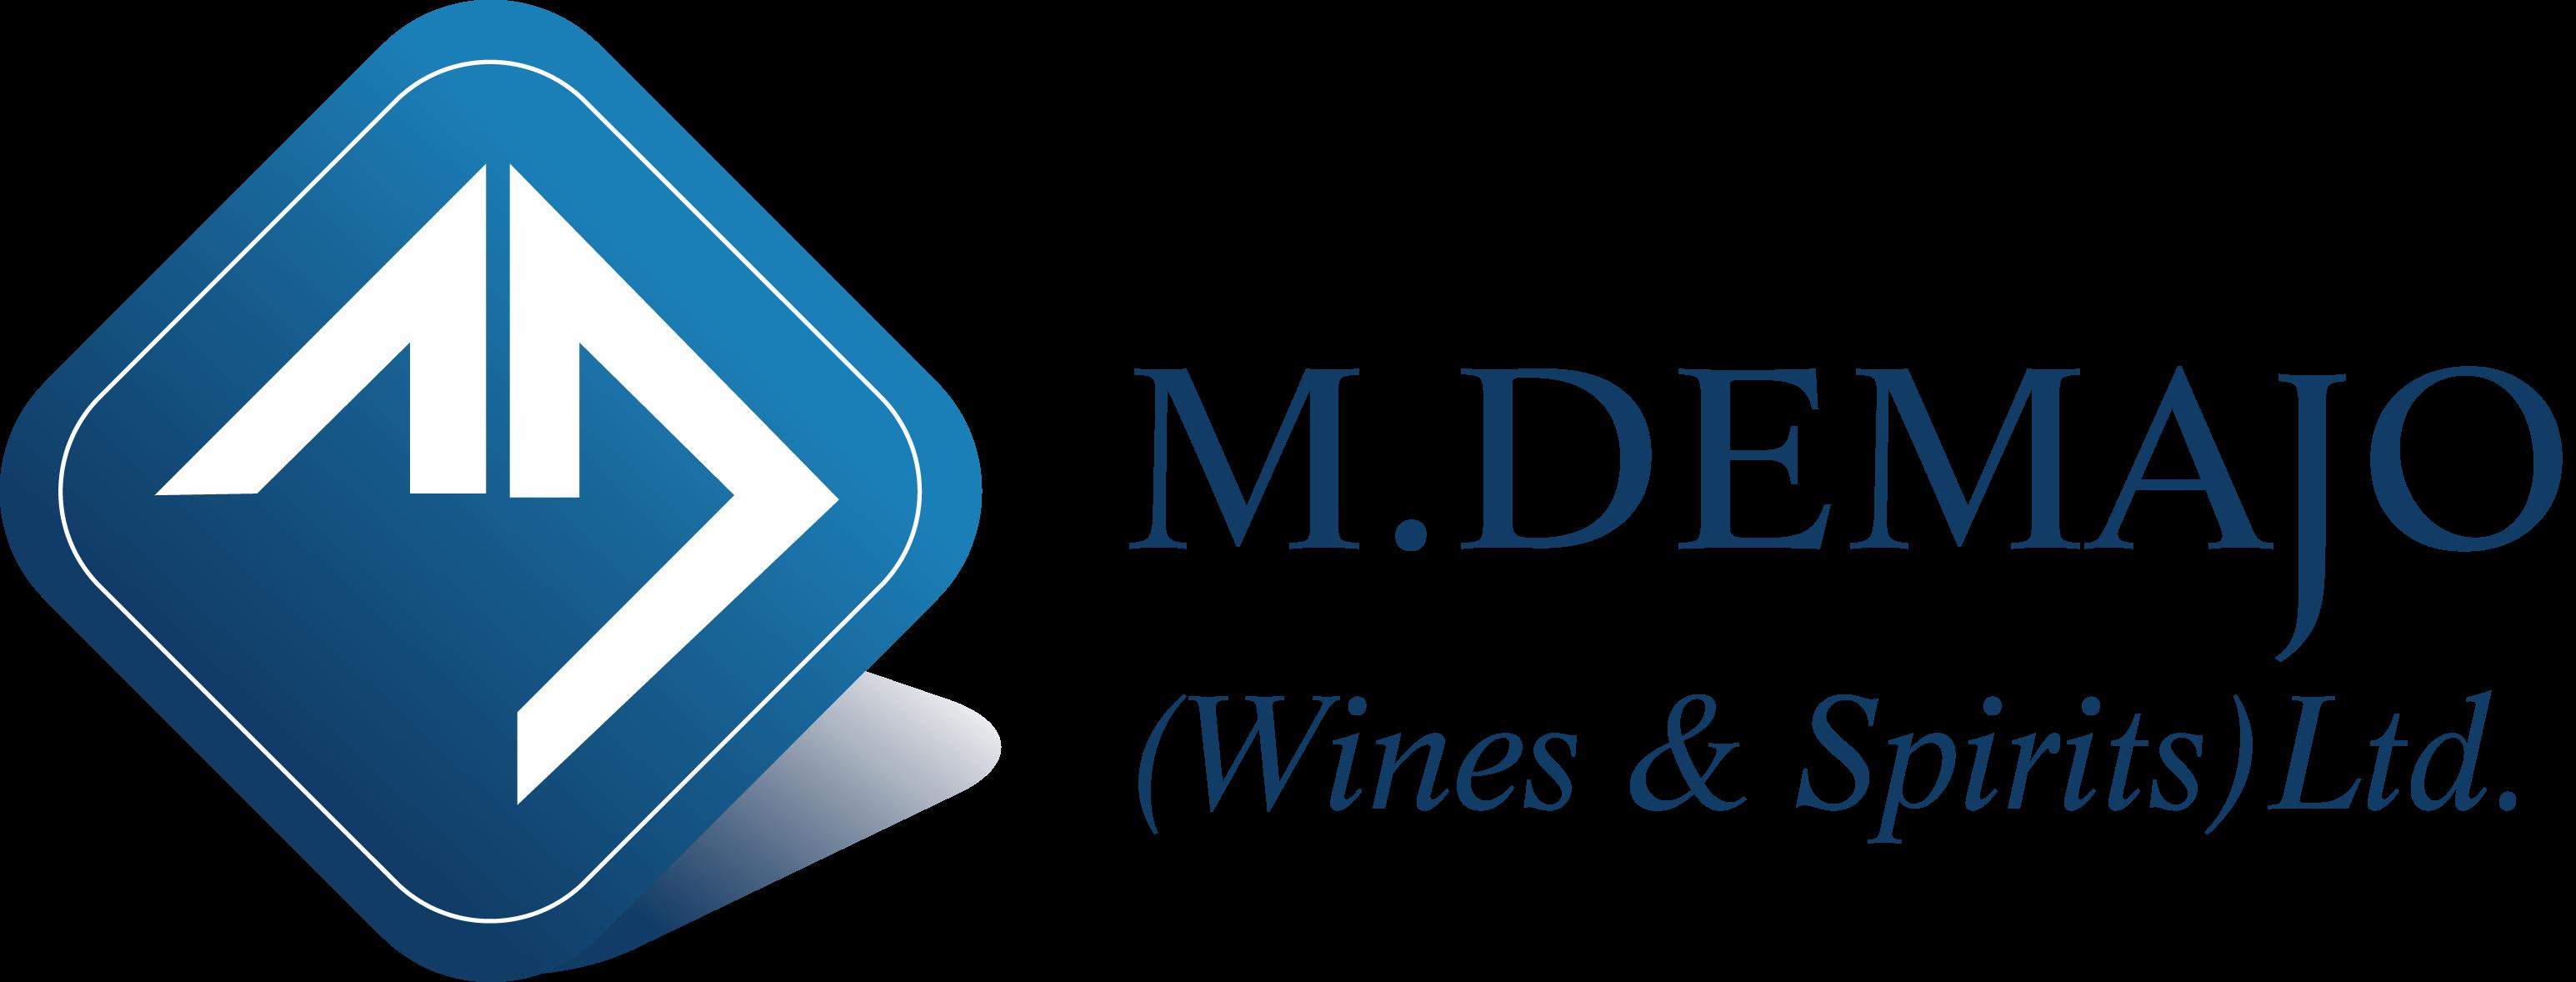 M. DEMAJO Wines & Spirits Ltd.